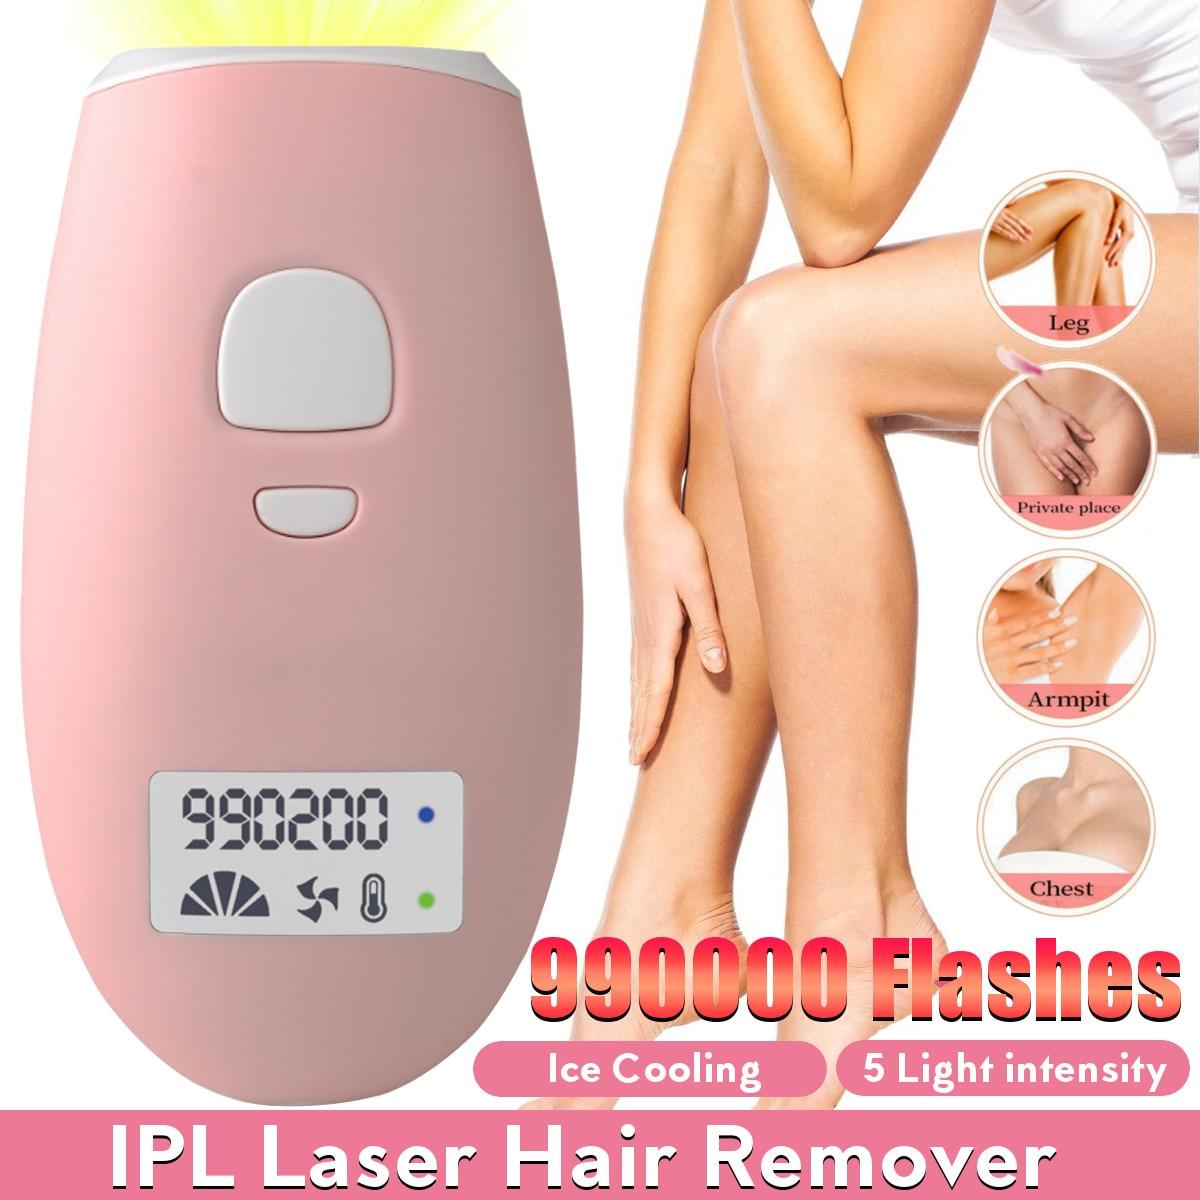 Depilación láser IPL, depiladora Flash 990000, fotodepiladora láser profesional, utensilio de depilación sin dolor permanente para mujeres